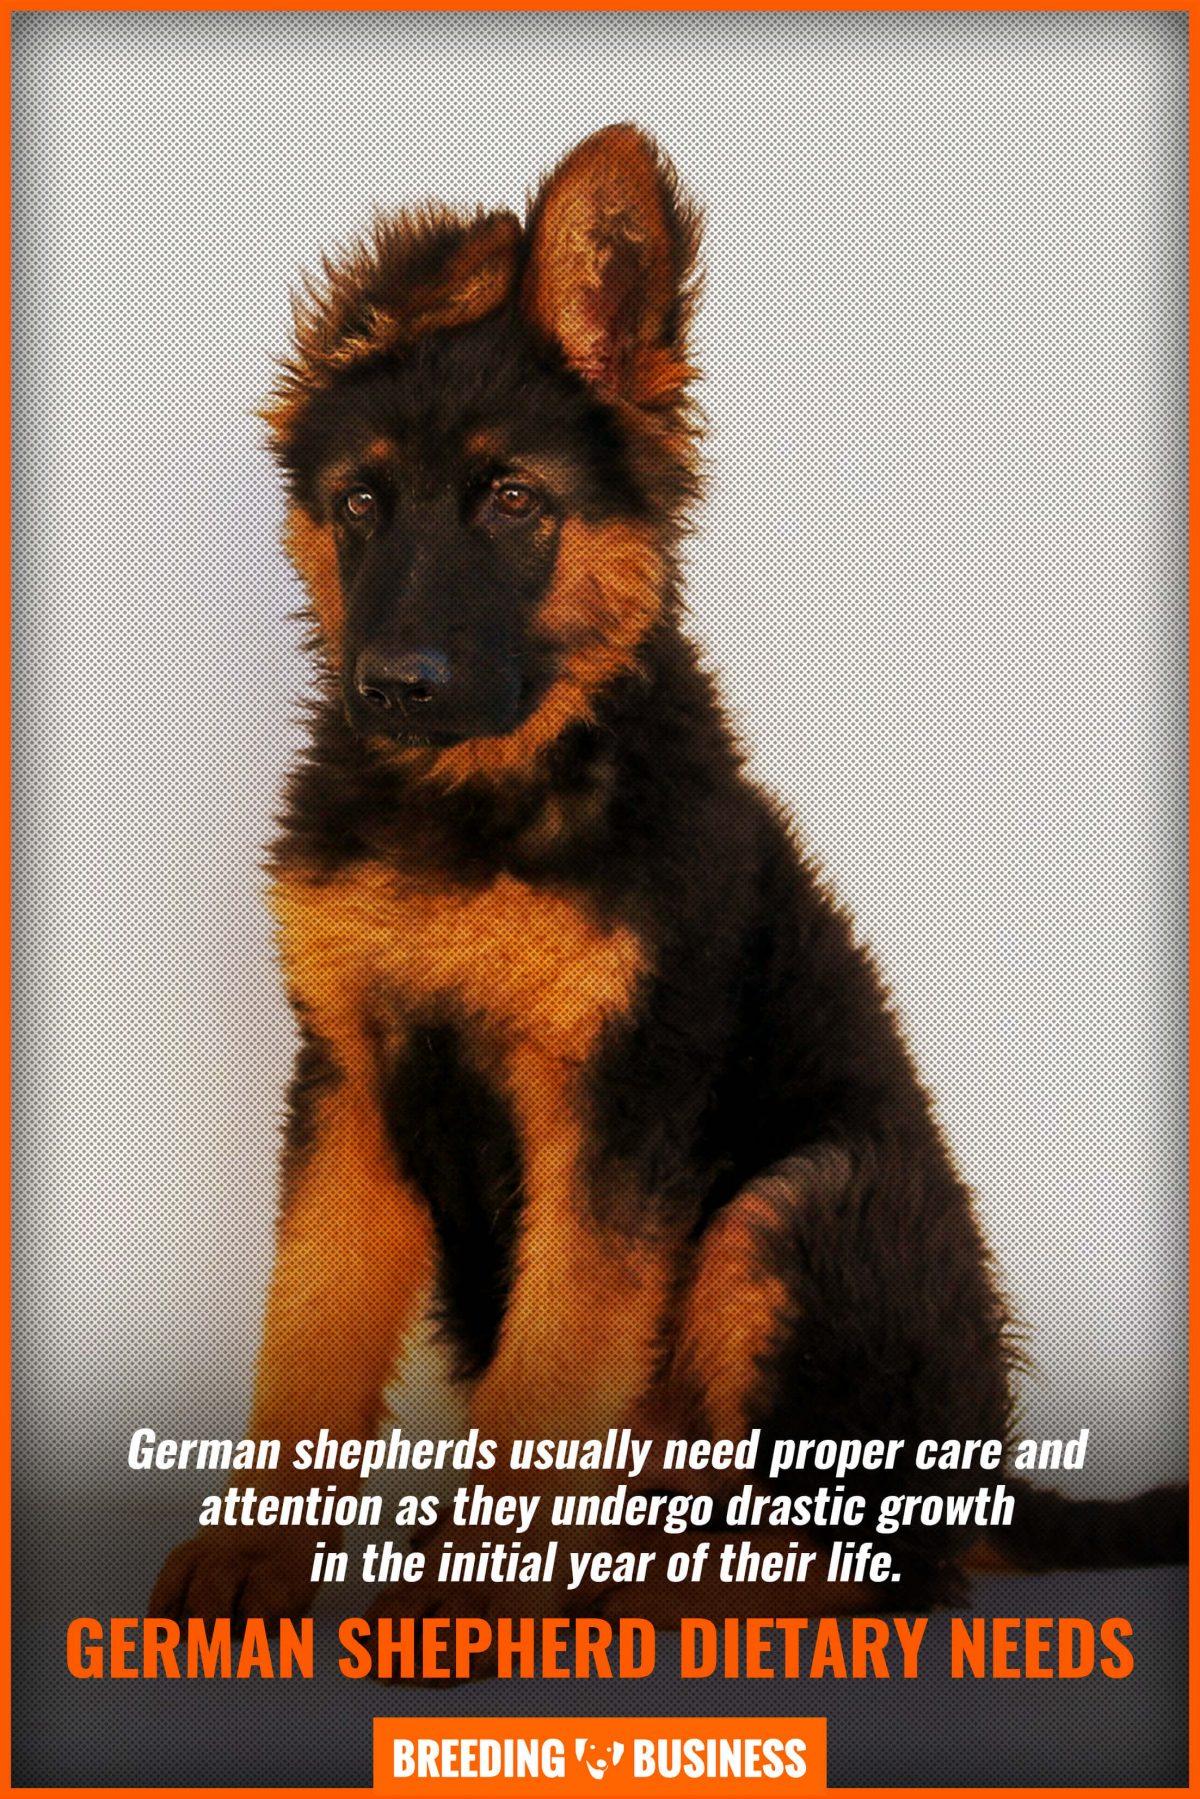 german-shepherd-dietary-needs